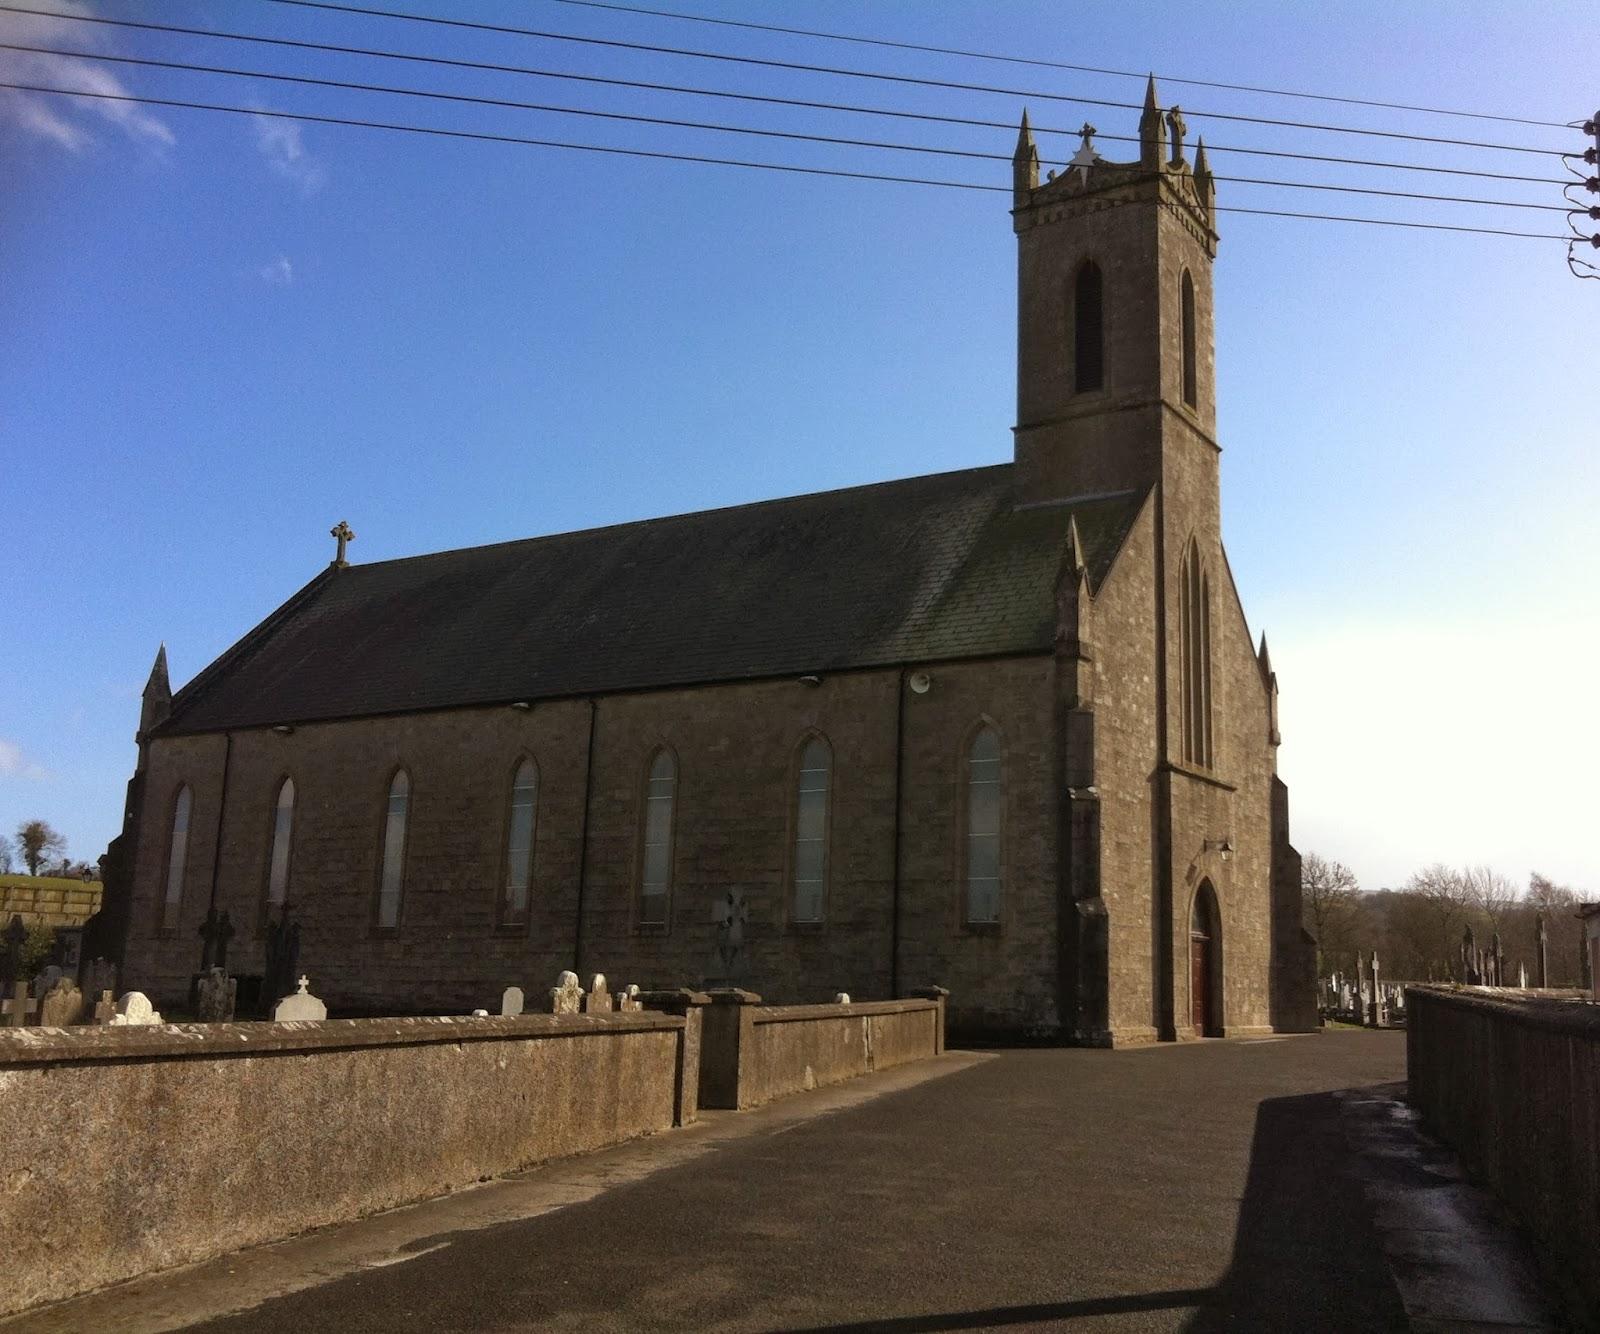 St. Columba's, Straw